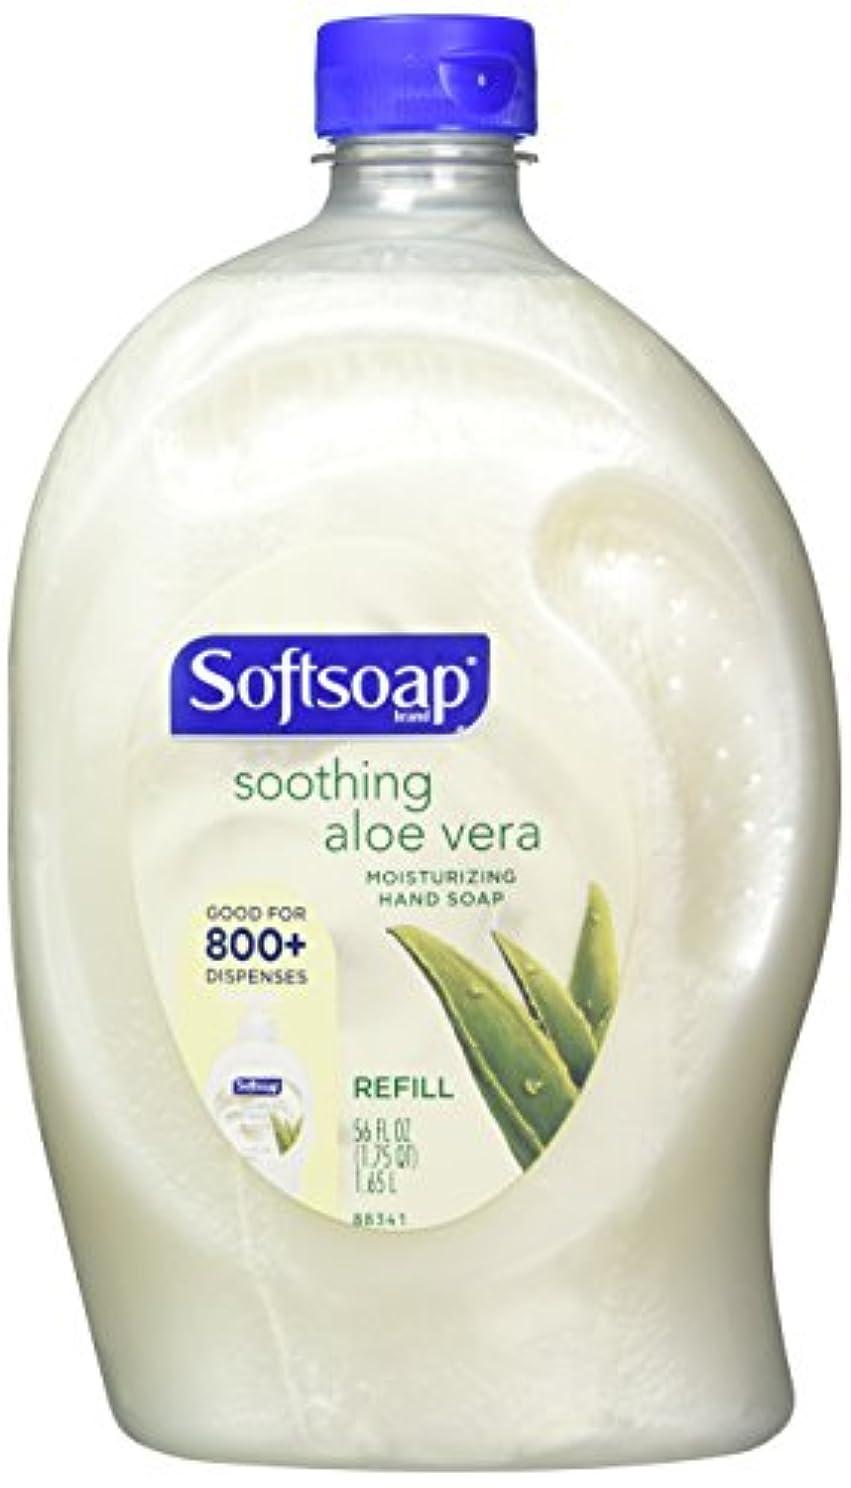 アミューズメント無駄にすみませんSoftsoap液体Moisturizing Hand Soap Refill 56 fl oz, 2 Count ACP-2685